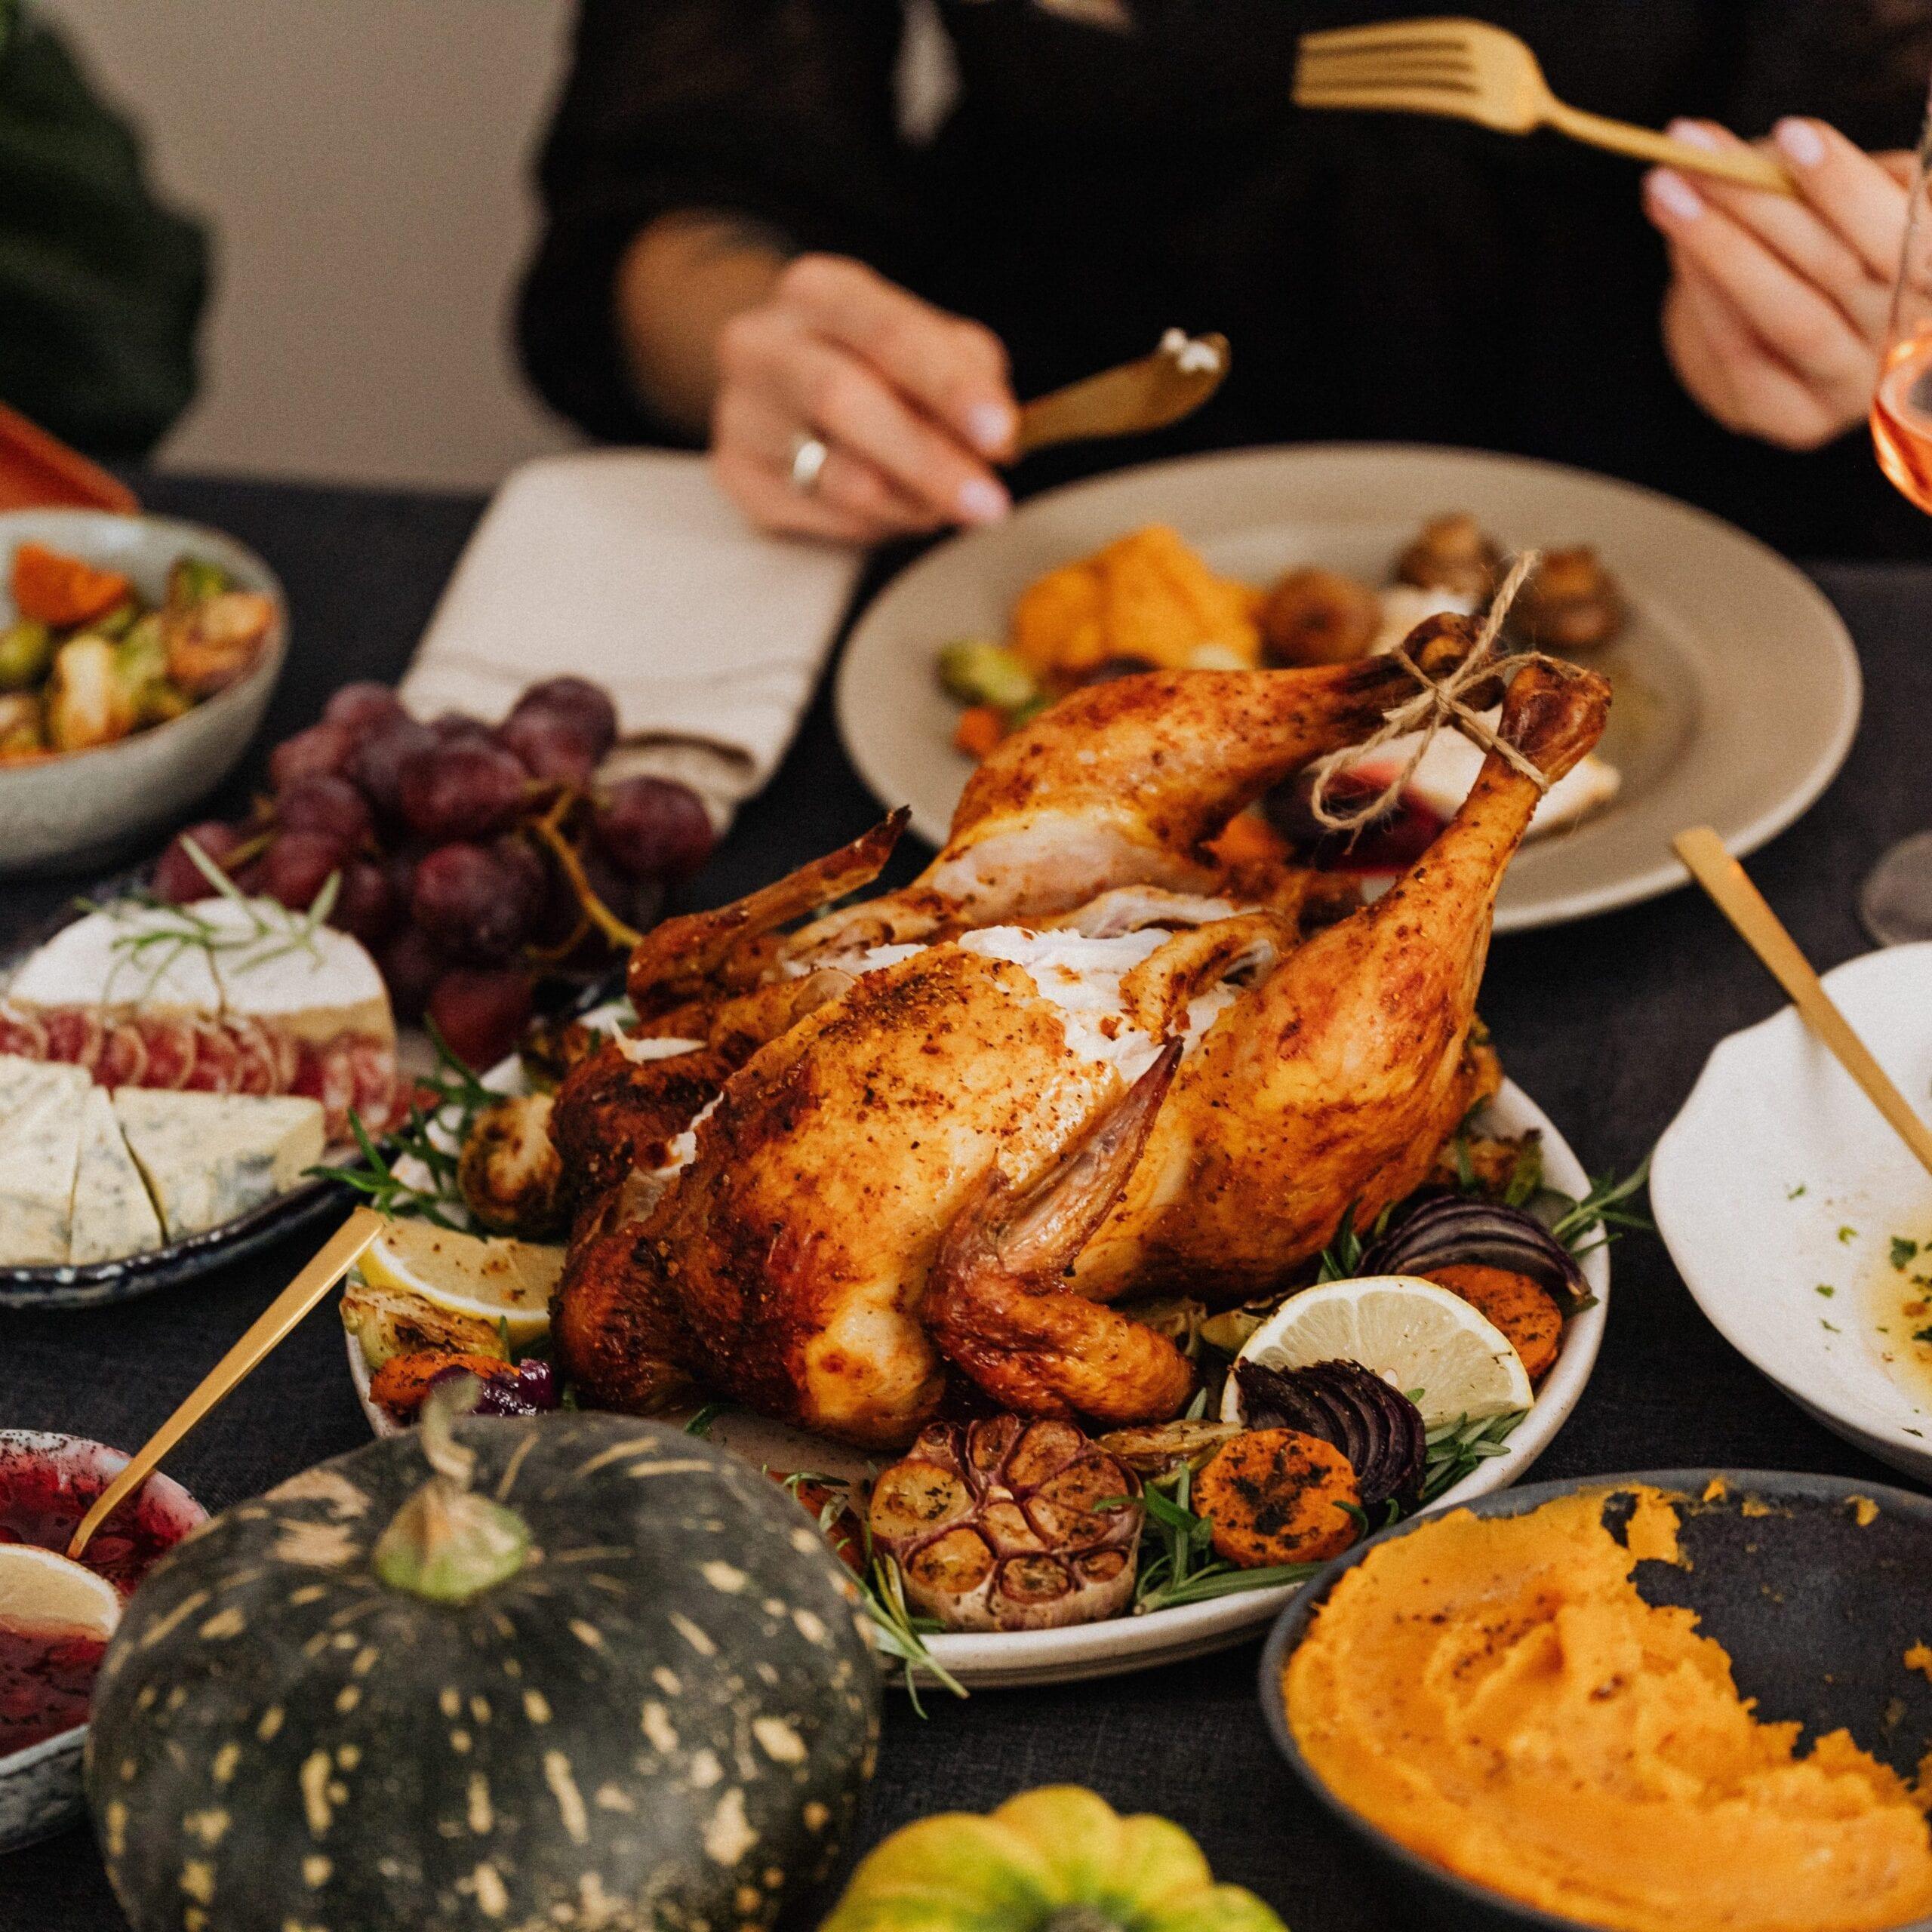 Cena del Día de Acción de Gracias. Foto de Karolina Grabowska en Pexels